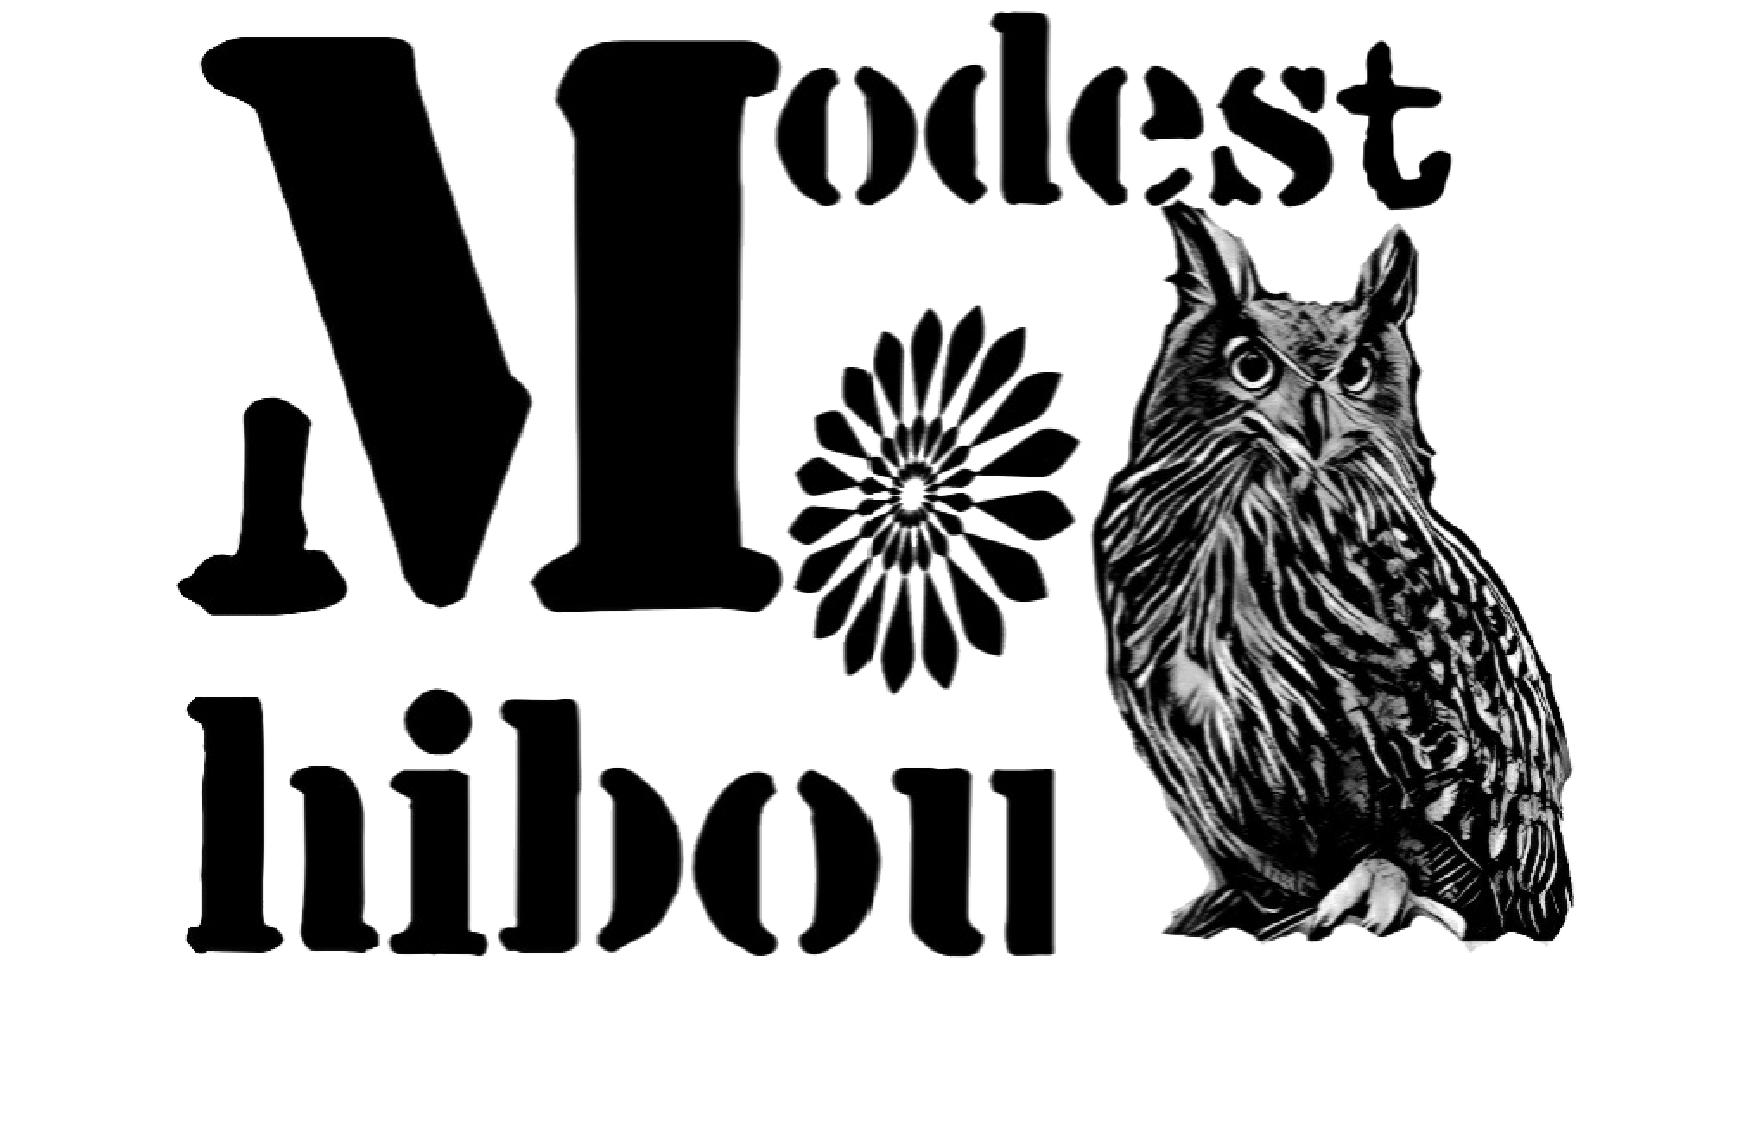 名古屋市緑区で内装リフォーム、クロス張替えなど内装工事ならModest hibou